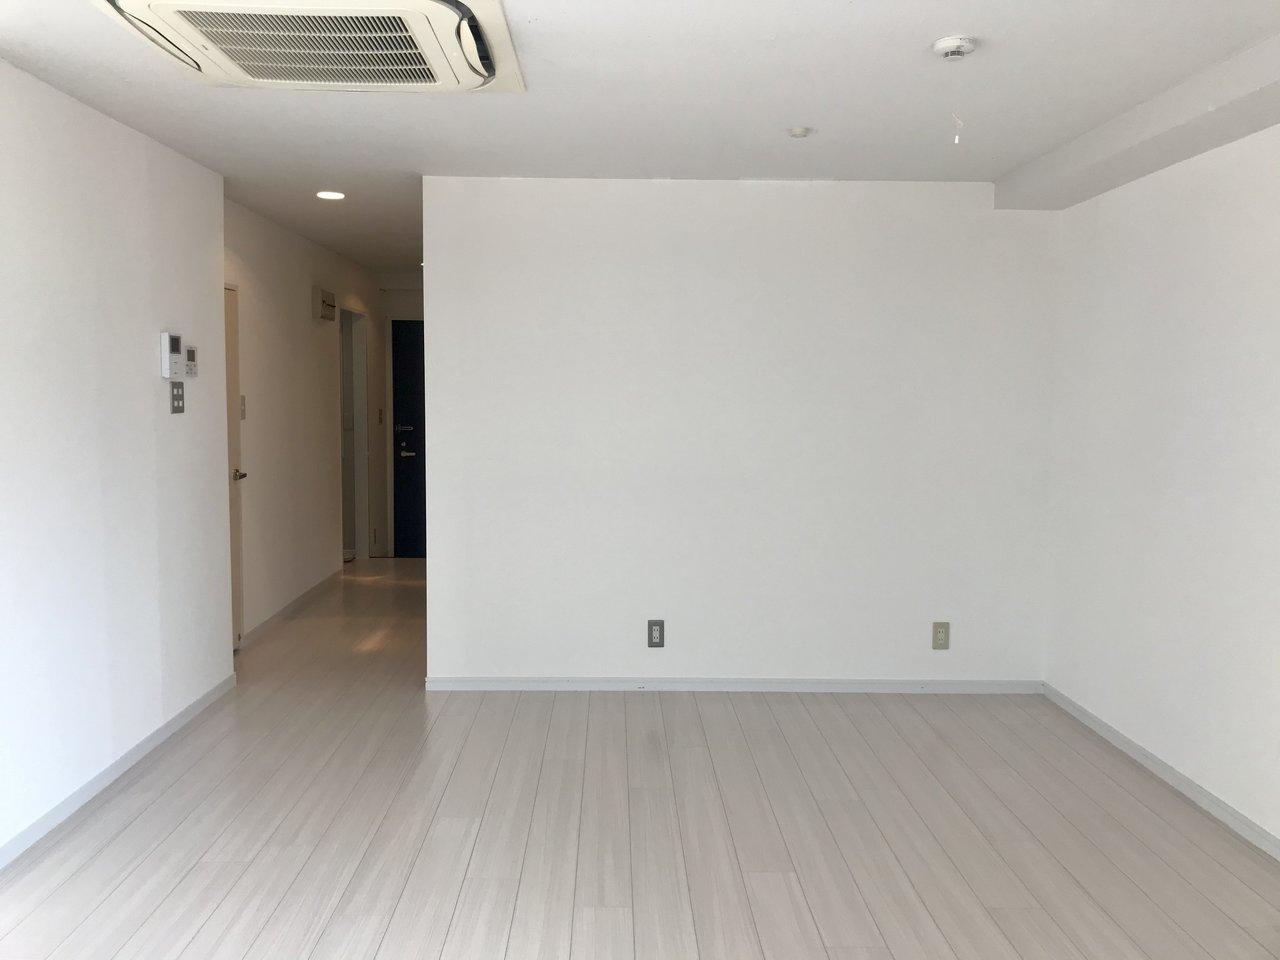 内装がシンプルなのでどんなインテリアでも似合いそう。ソファやハンモックを置いてくつろぐのもいいですね。